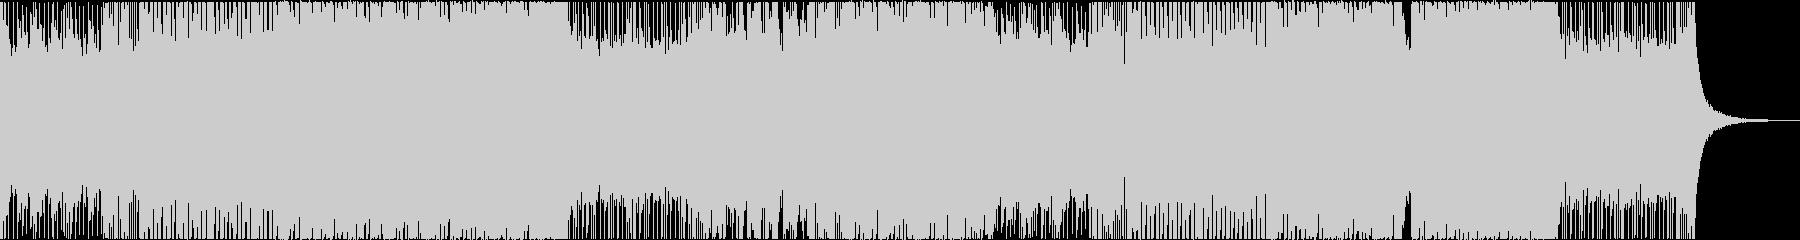 アッパーなリフによるデジタルロックの未再生の波形